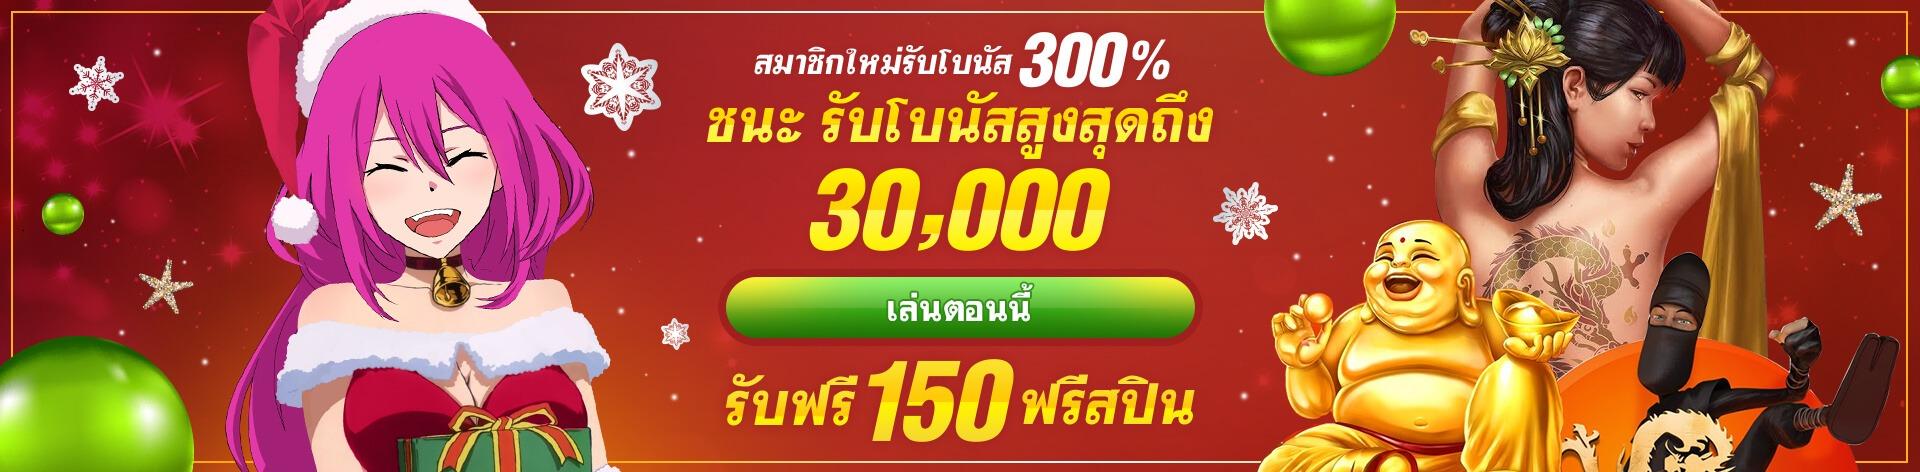 สมัครสมาชิก LuckyNiki เว็บคาสิโนออนไลน์วันนี้ รับฟรีโบนัส 30,000 สำหรับเล่นเกมสล็อตออนไลน์ และรับฟรีสปินอีก 150 ครั้ง